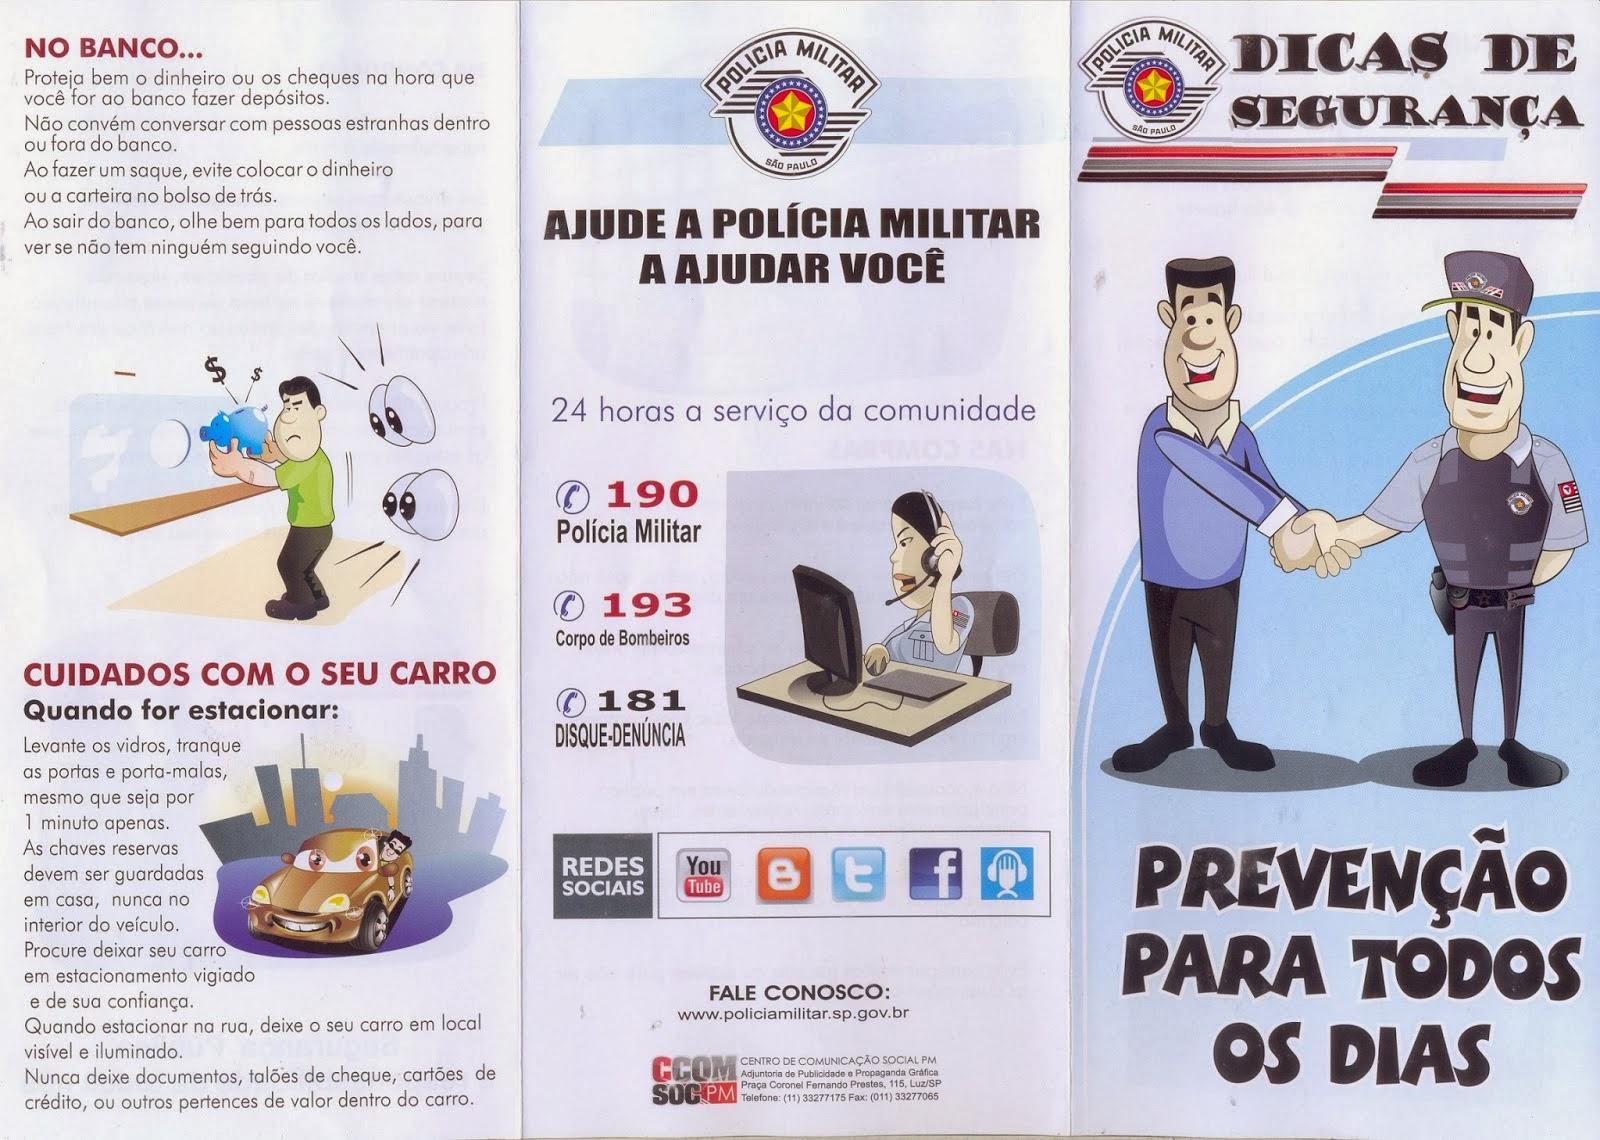 PMSP DICAS PREVENTIVAS